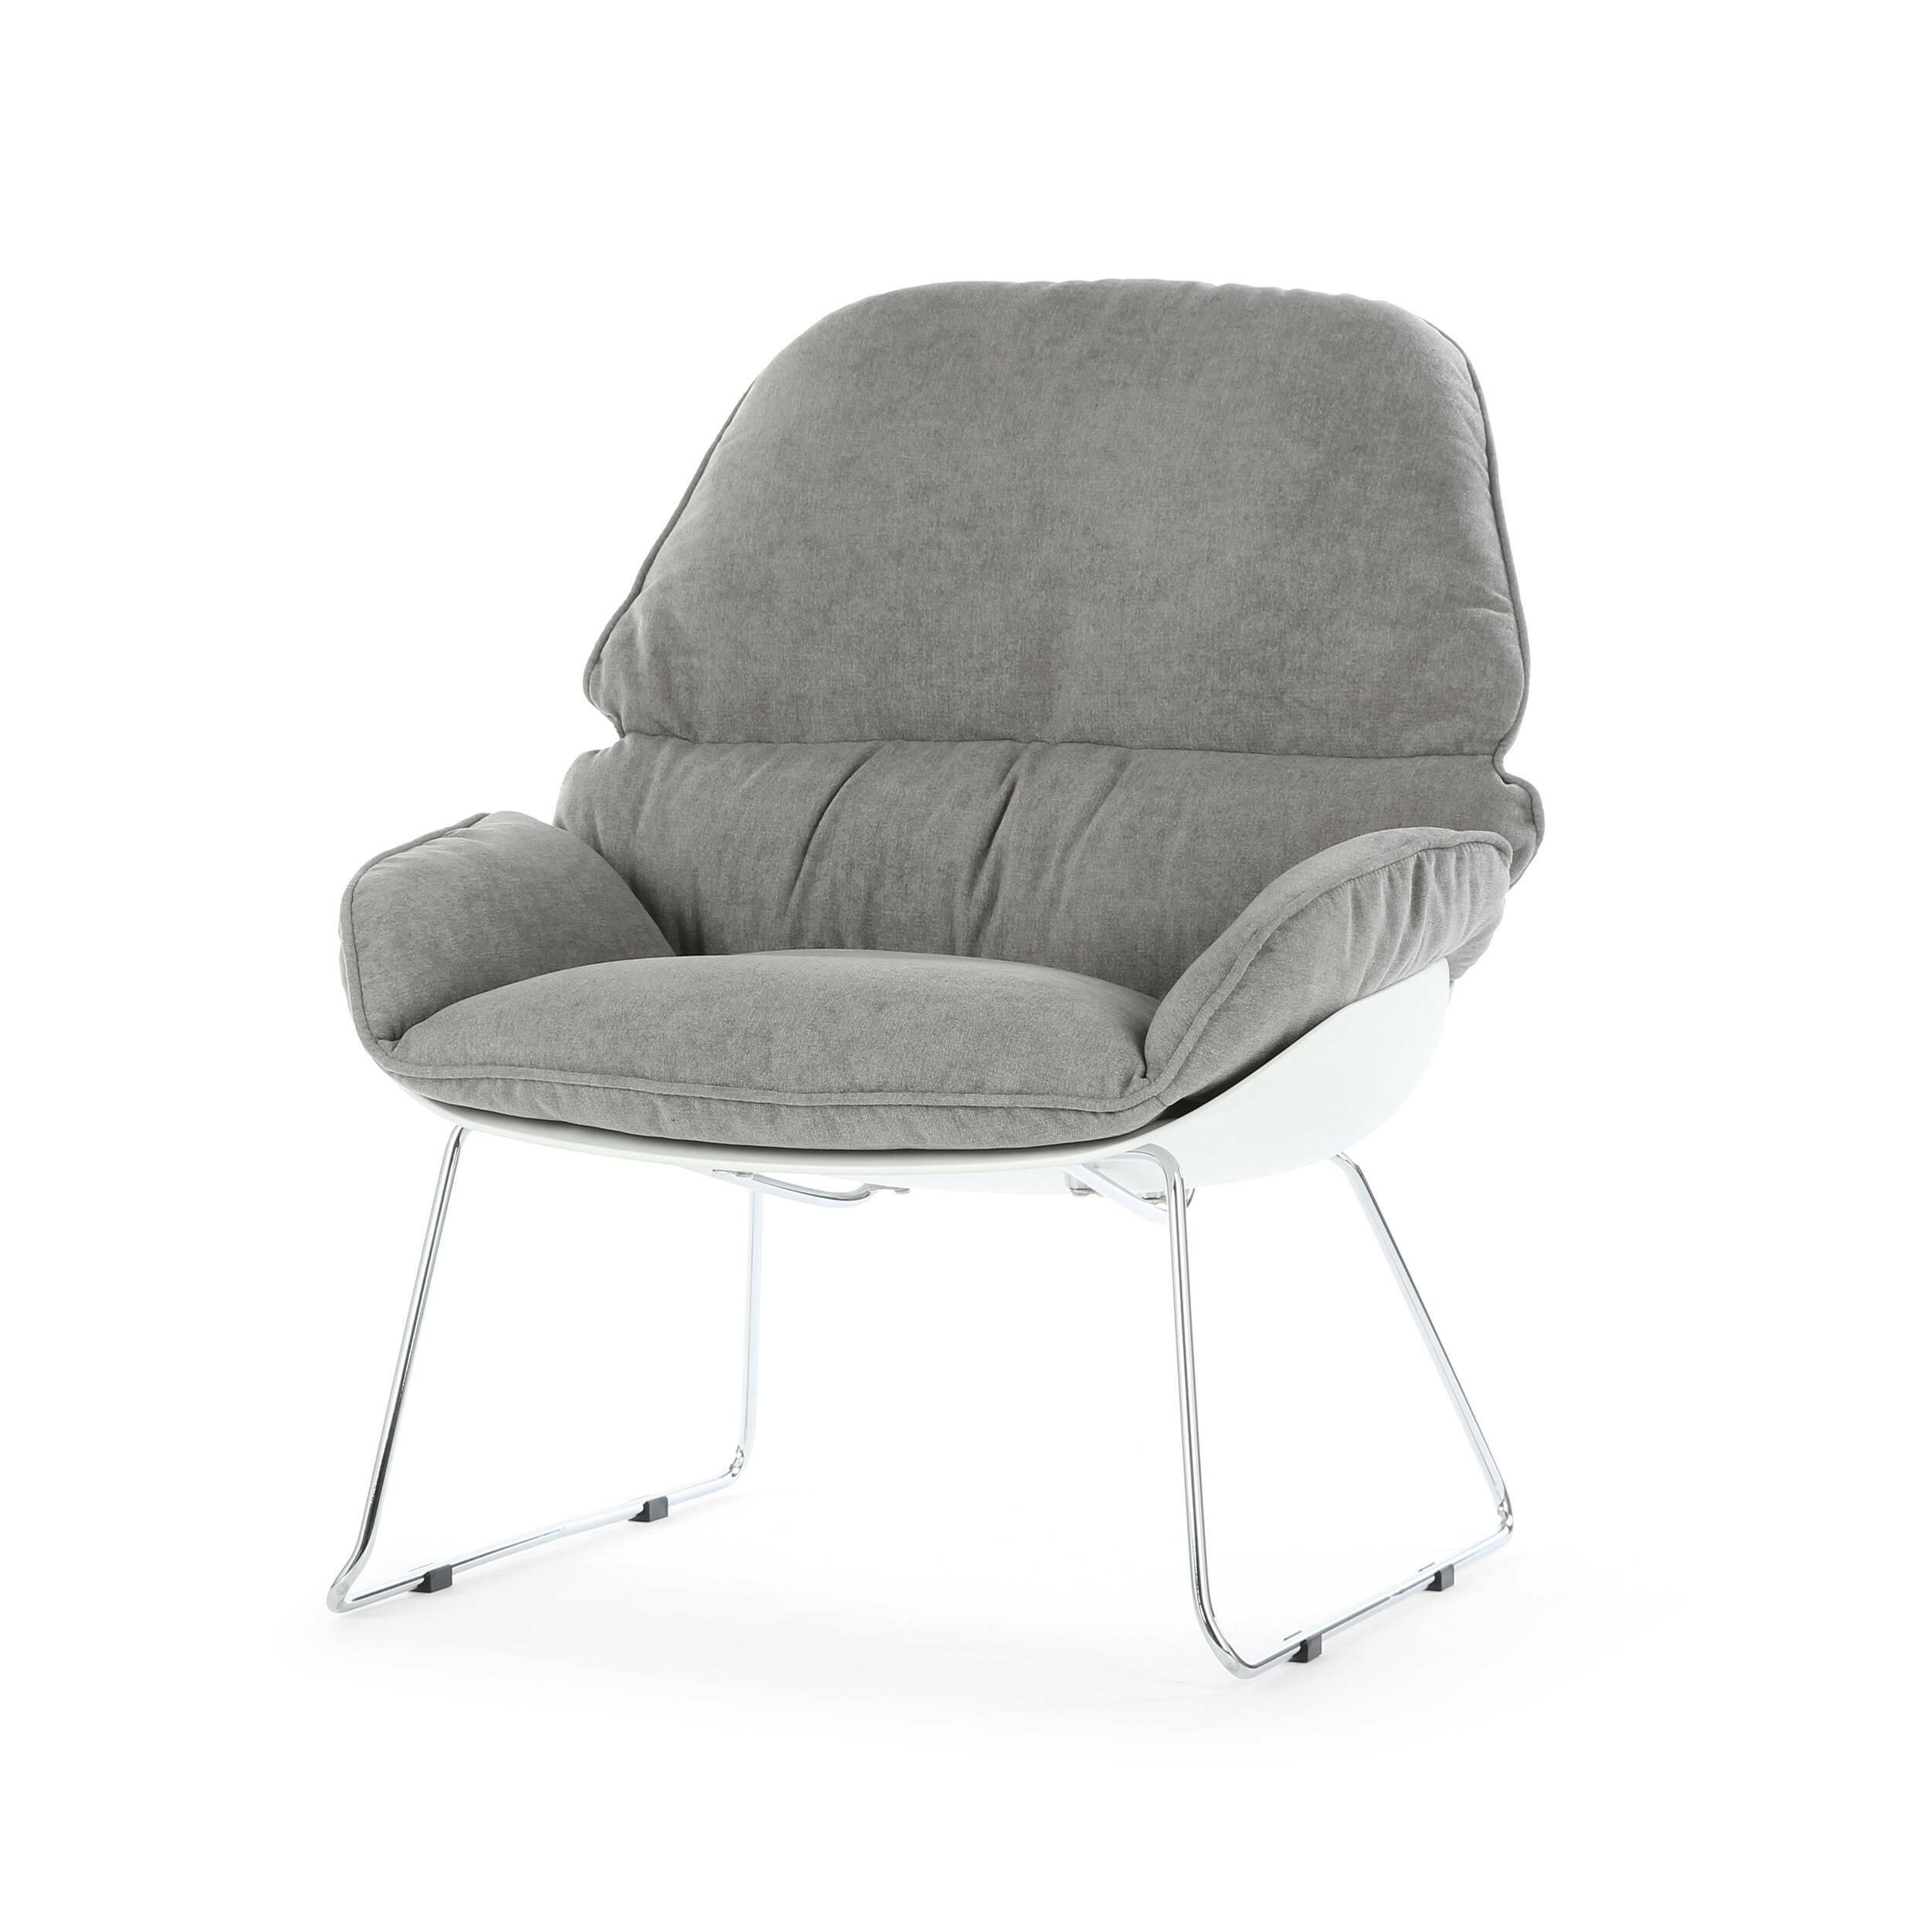 Кресло Cosmo 15580583 от Cosmorelax